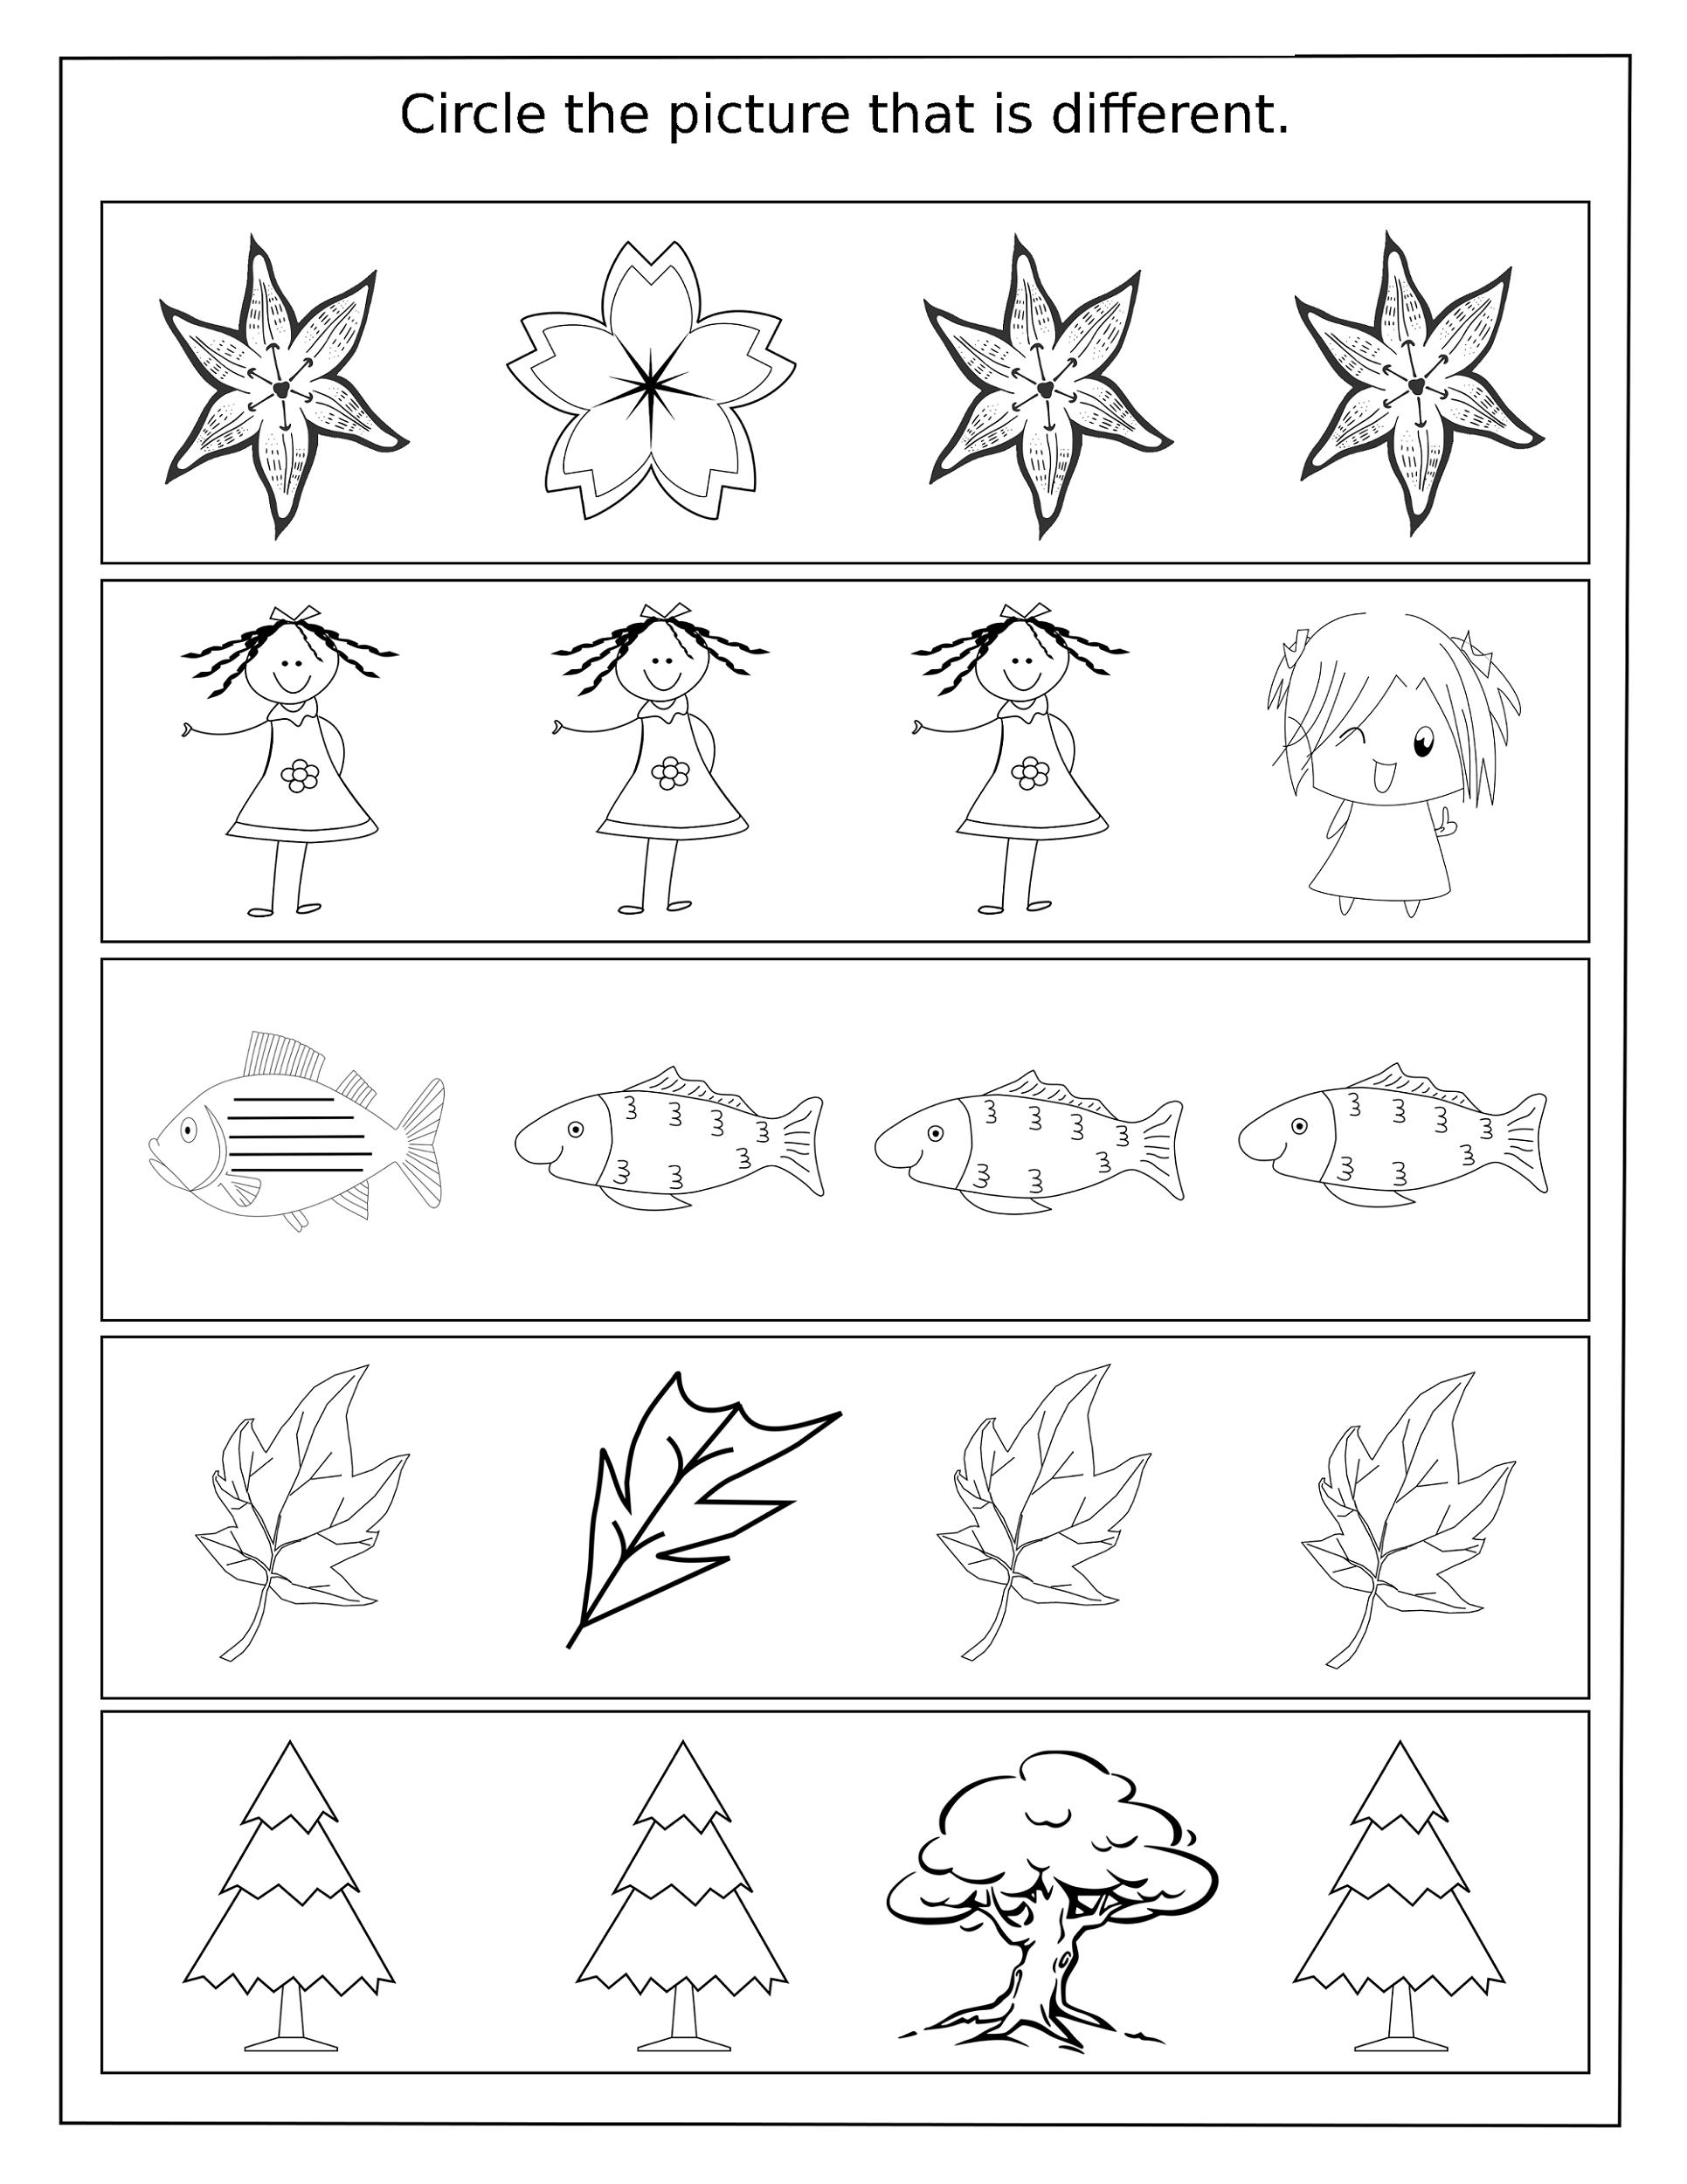 worksheet Same Different Worksheets same and different worksheets for kids kiddo shelter shelter